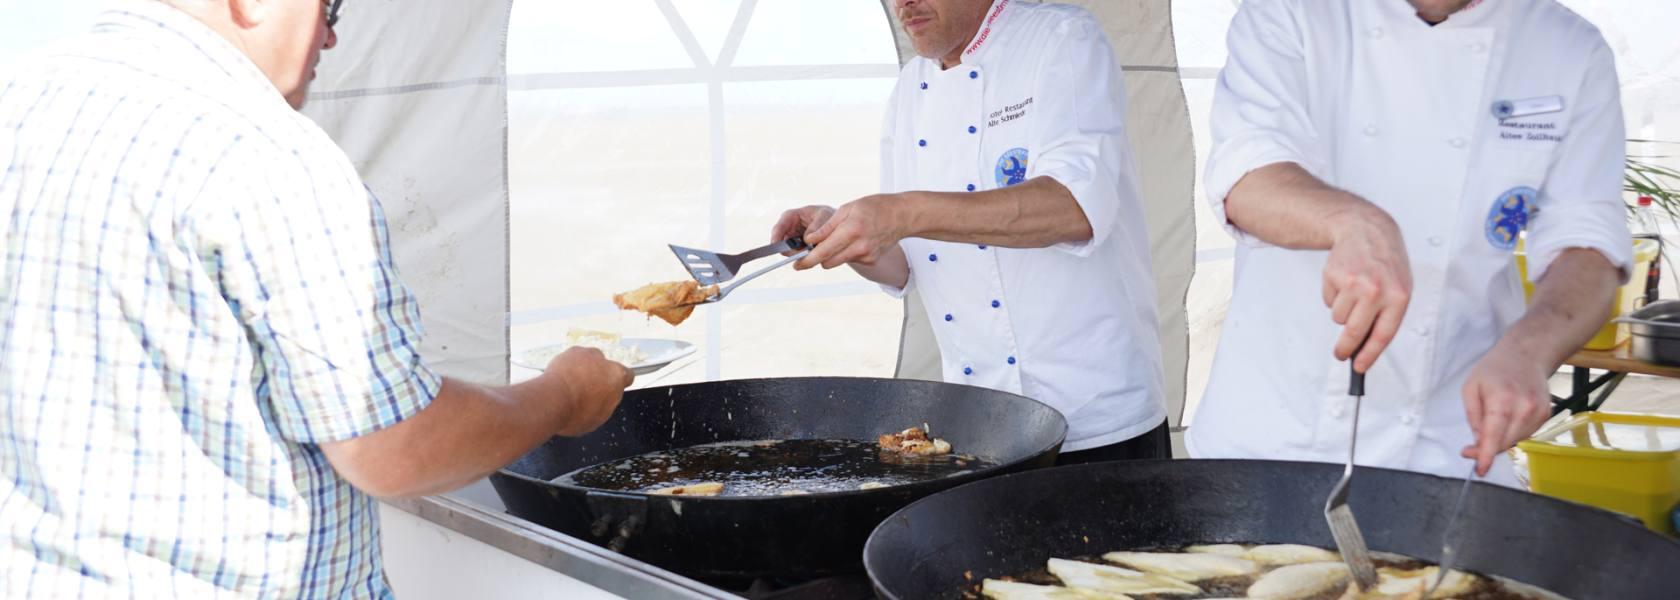 Beim Schollenbraten im Watt vor Schillig kommen die saftigen Schollen frisch auf den Teller, © Die Nordsee GmbH